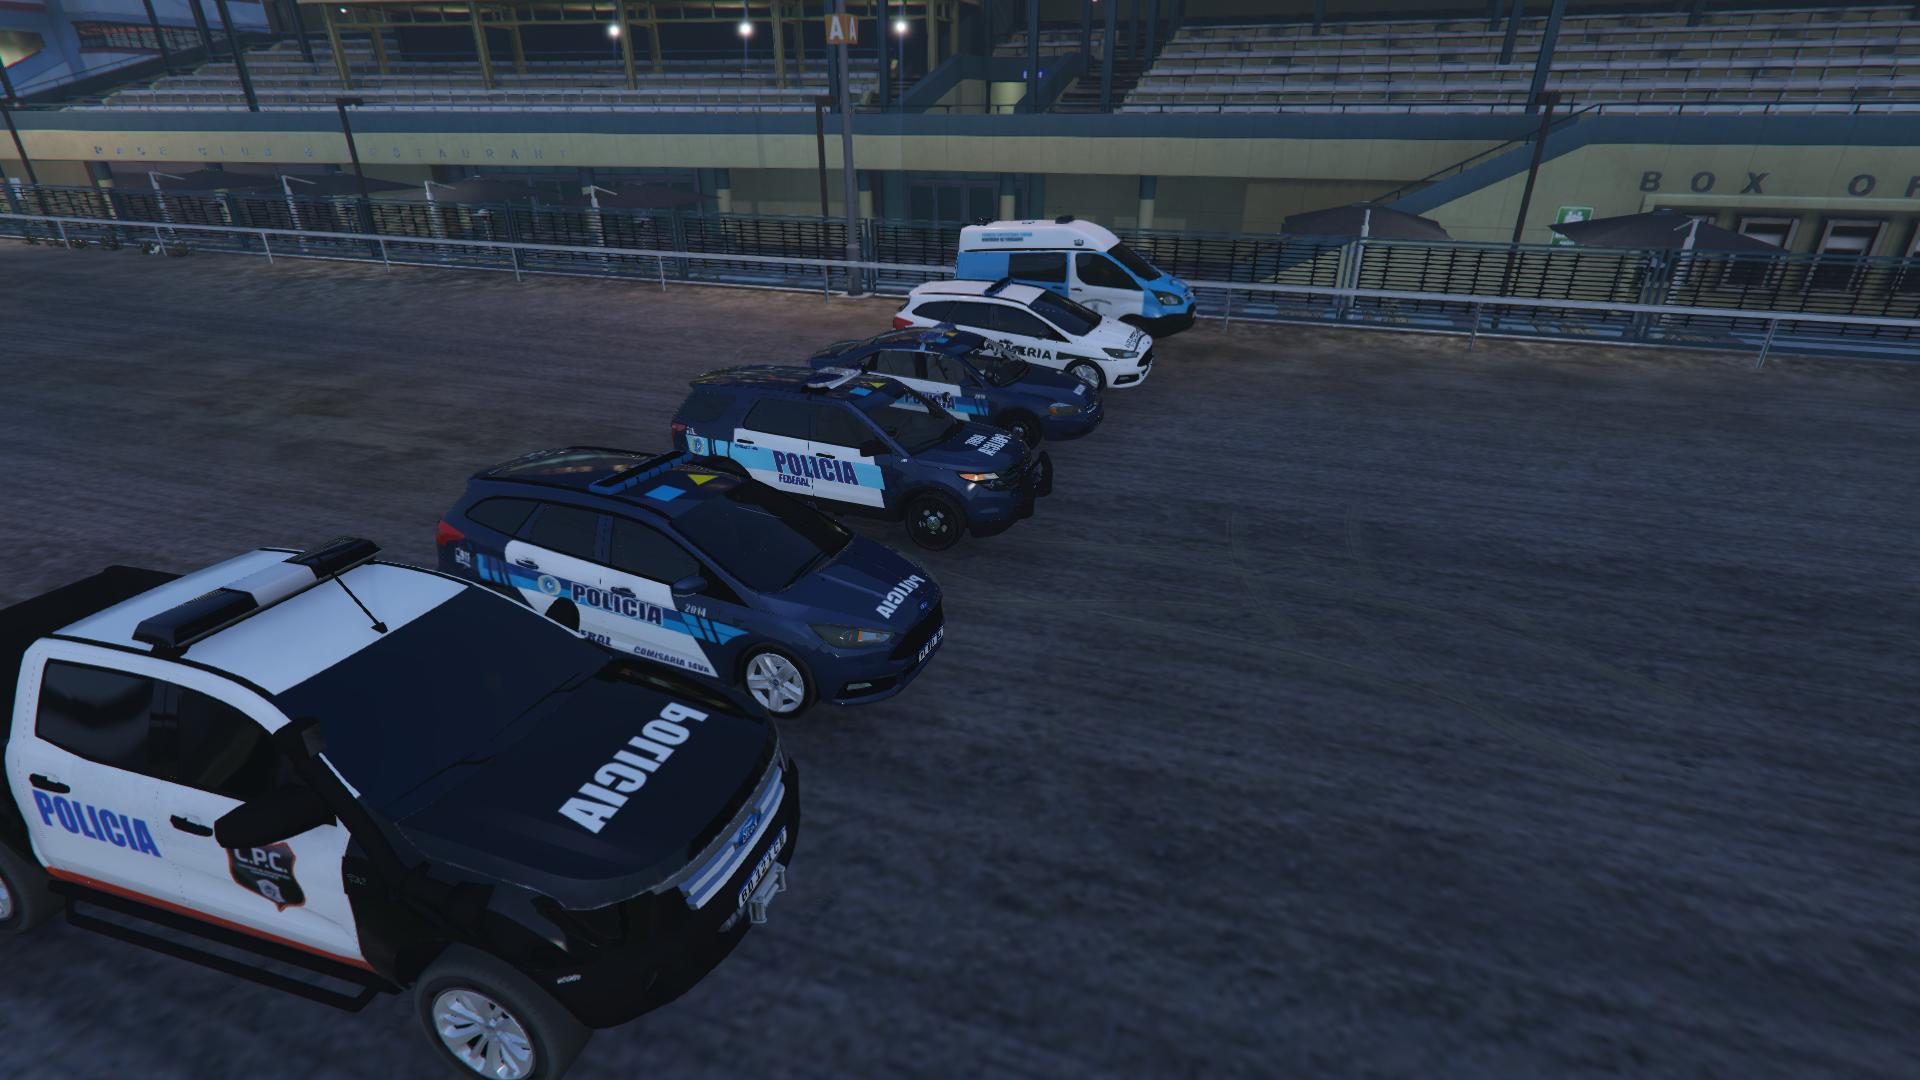 Policia Argentina Megapack Gta5 Mods Com